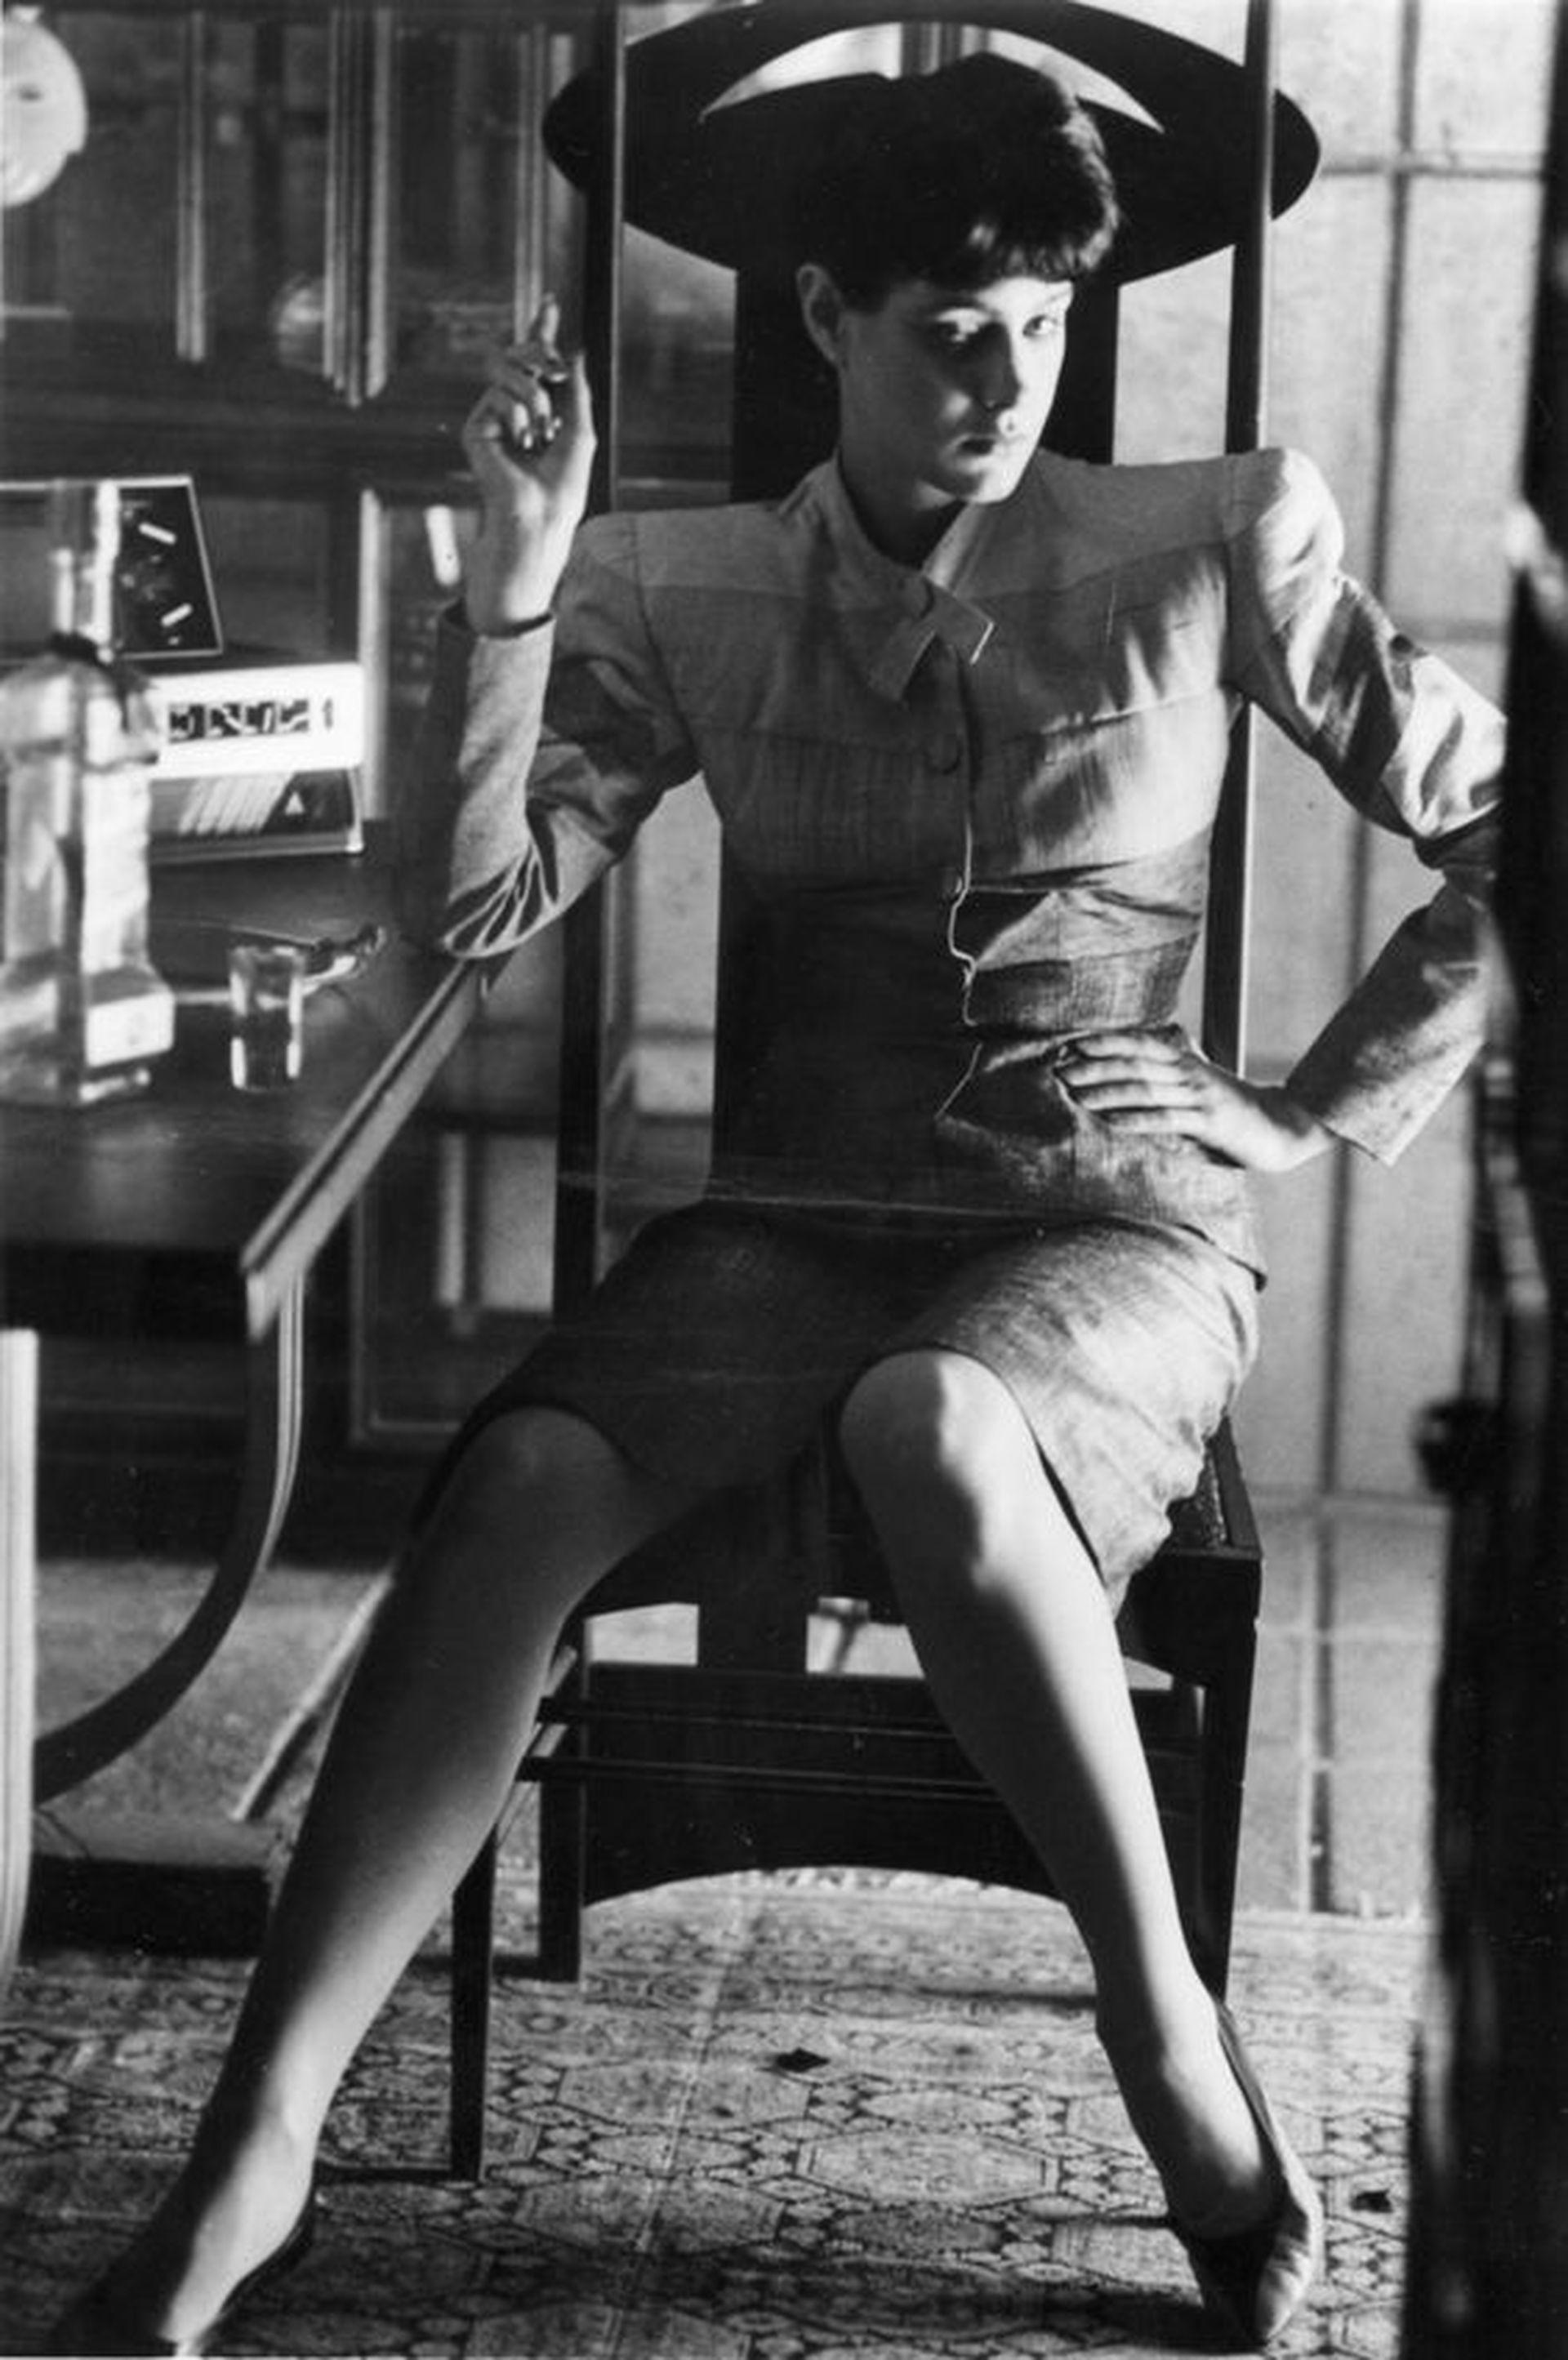 Una escena de Blade Runner, una de las protagonistas aparece sentada en un silla Argyle, autoría de Mackintosh.